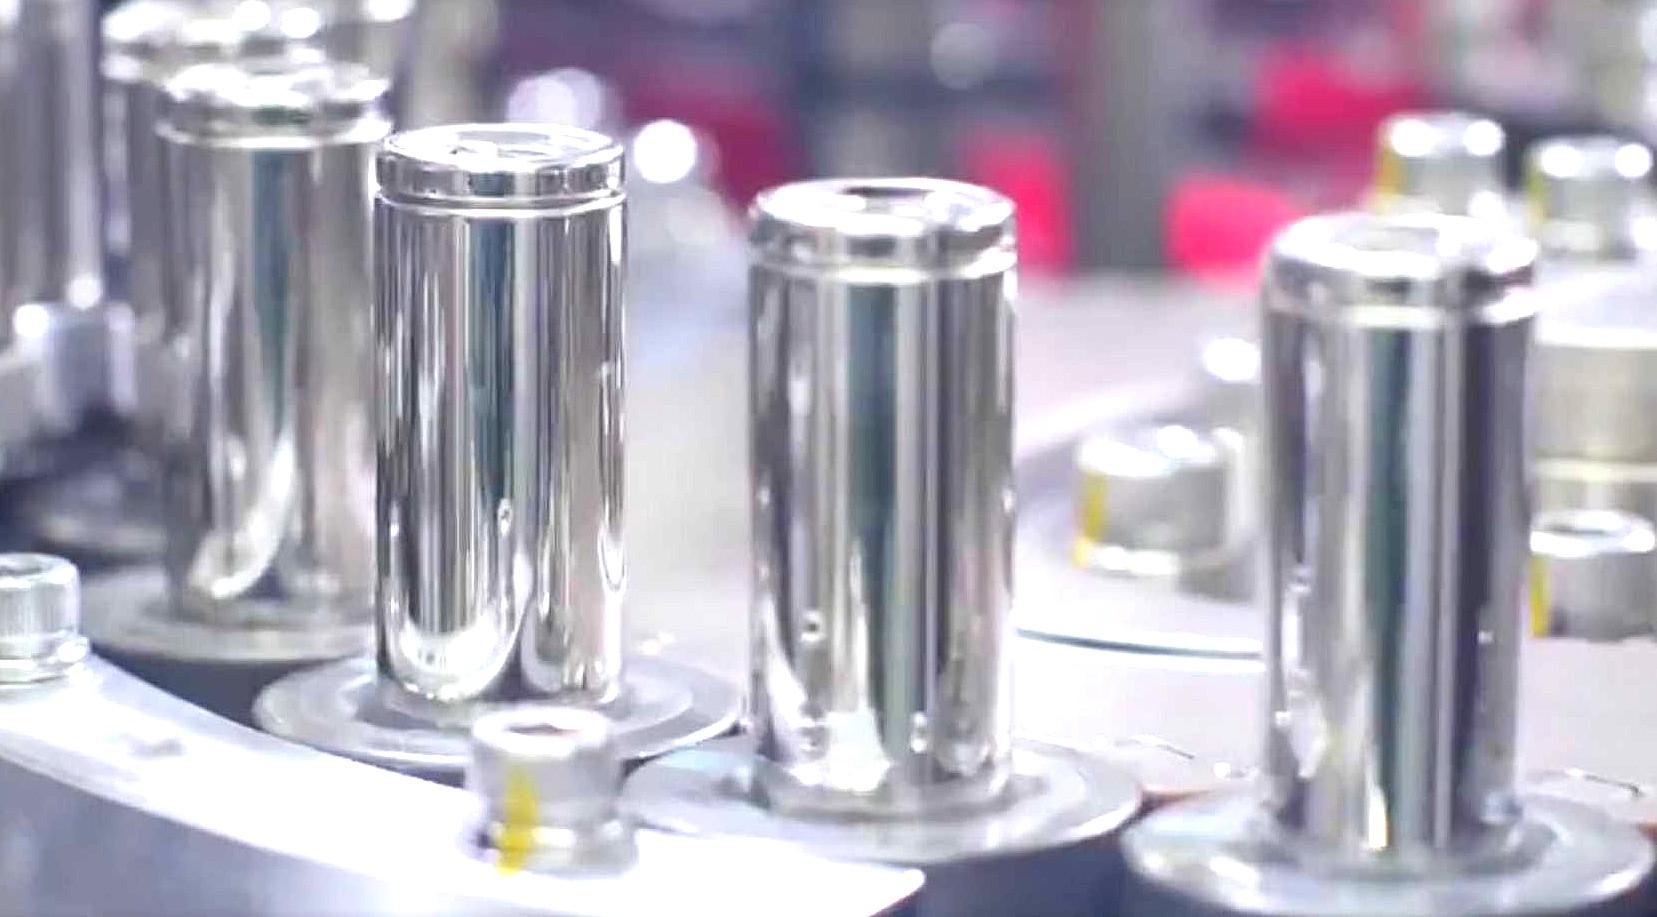 Плотность клеток Tesla 2170 возрастет, поскольку Panasonic устремляется к будущему без кобальта